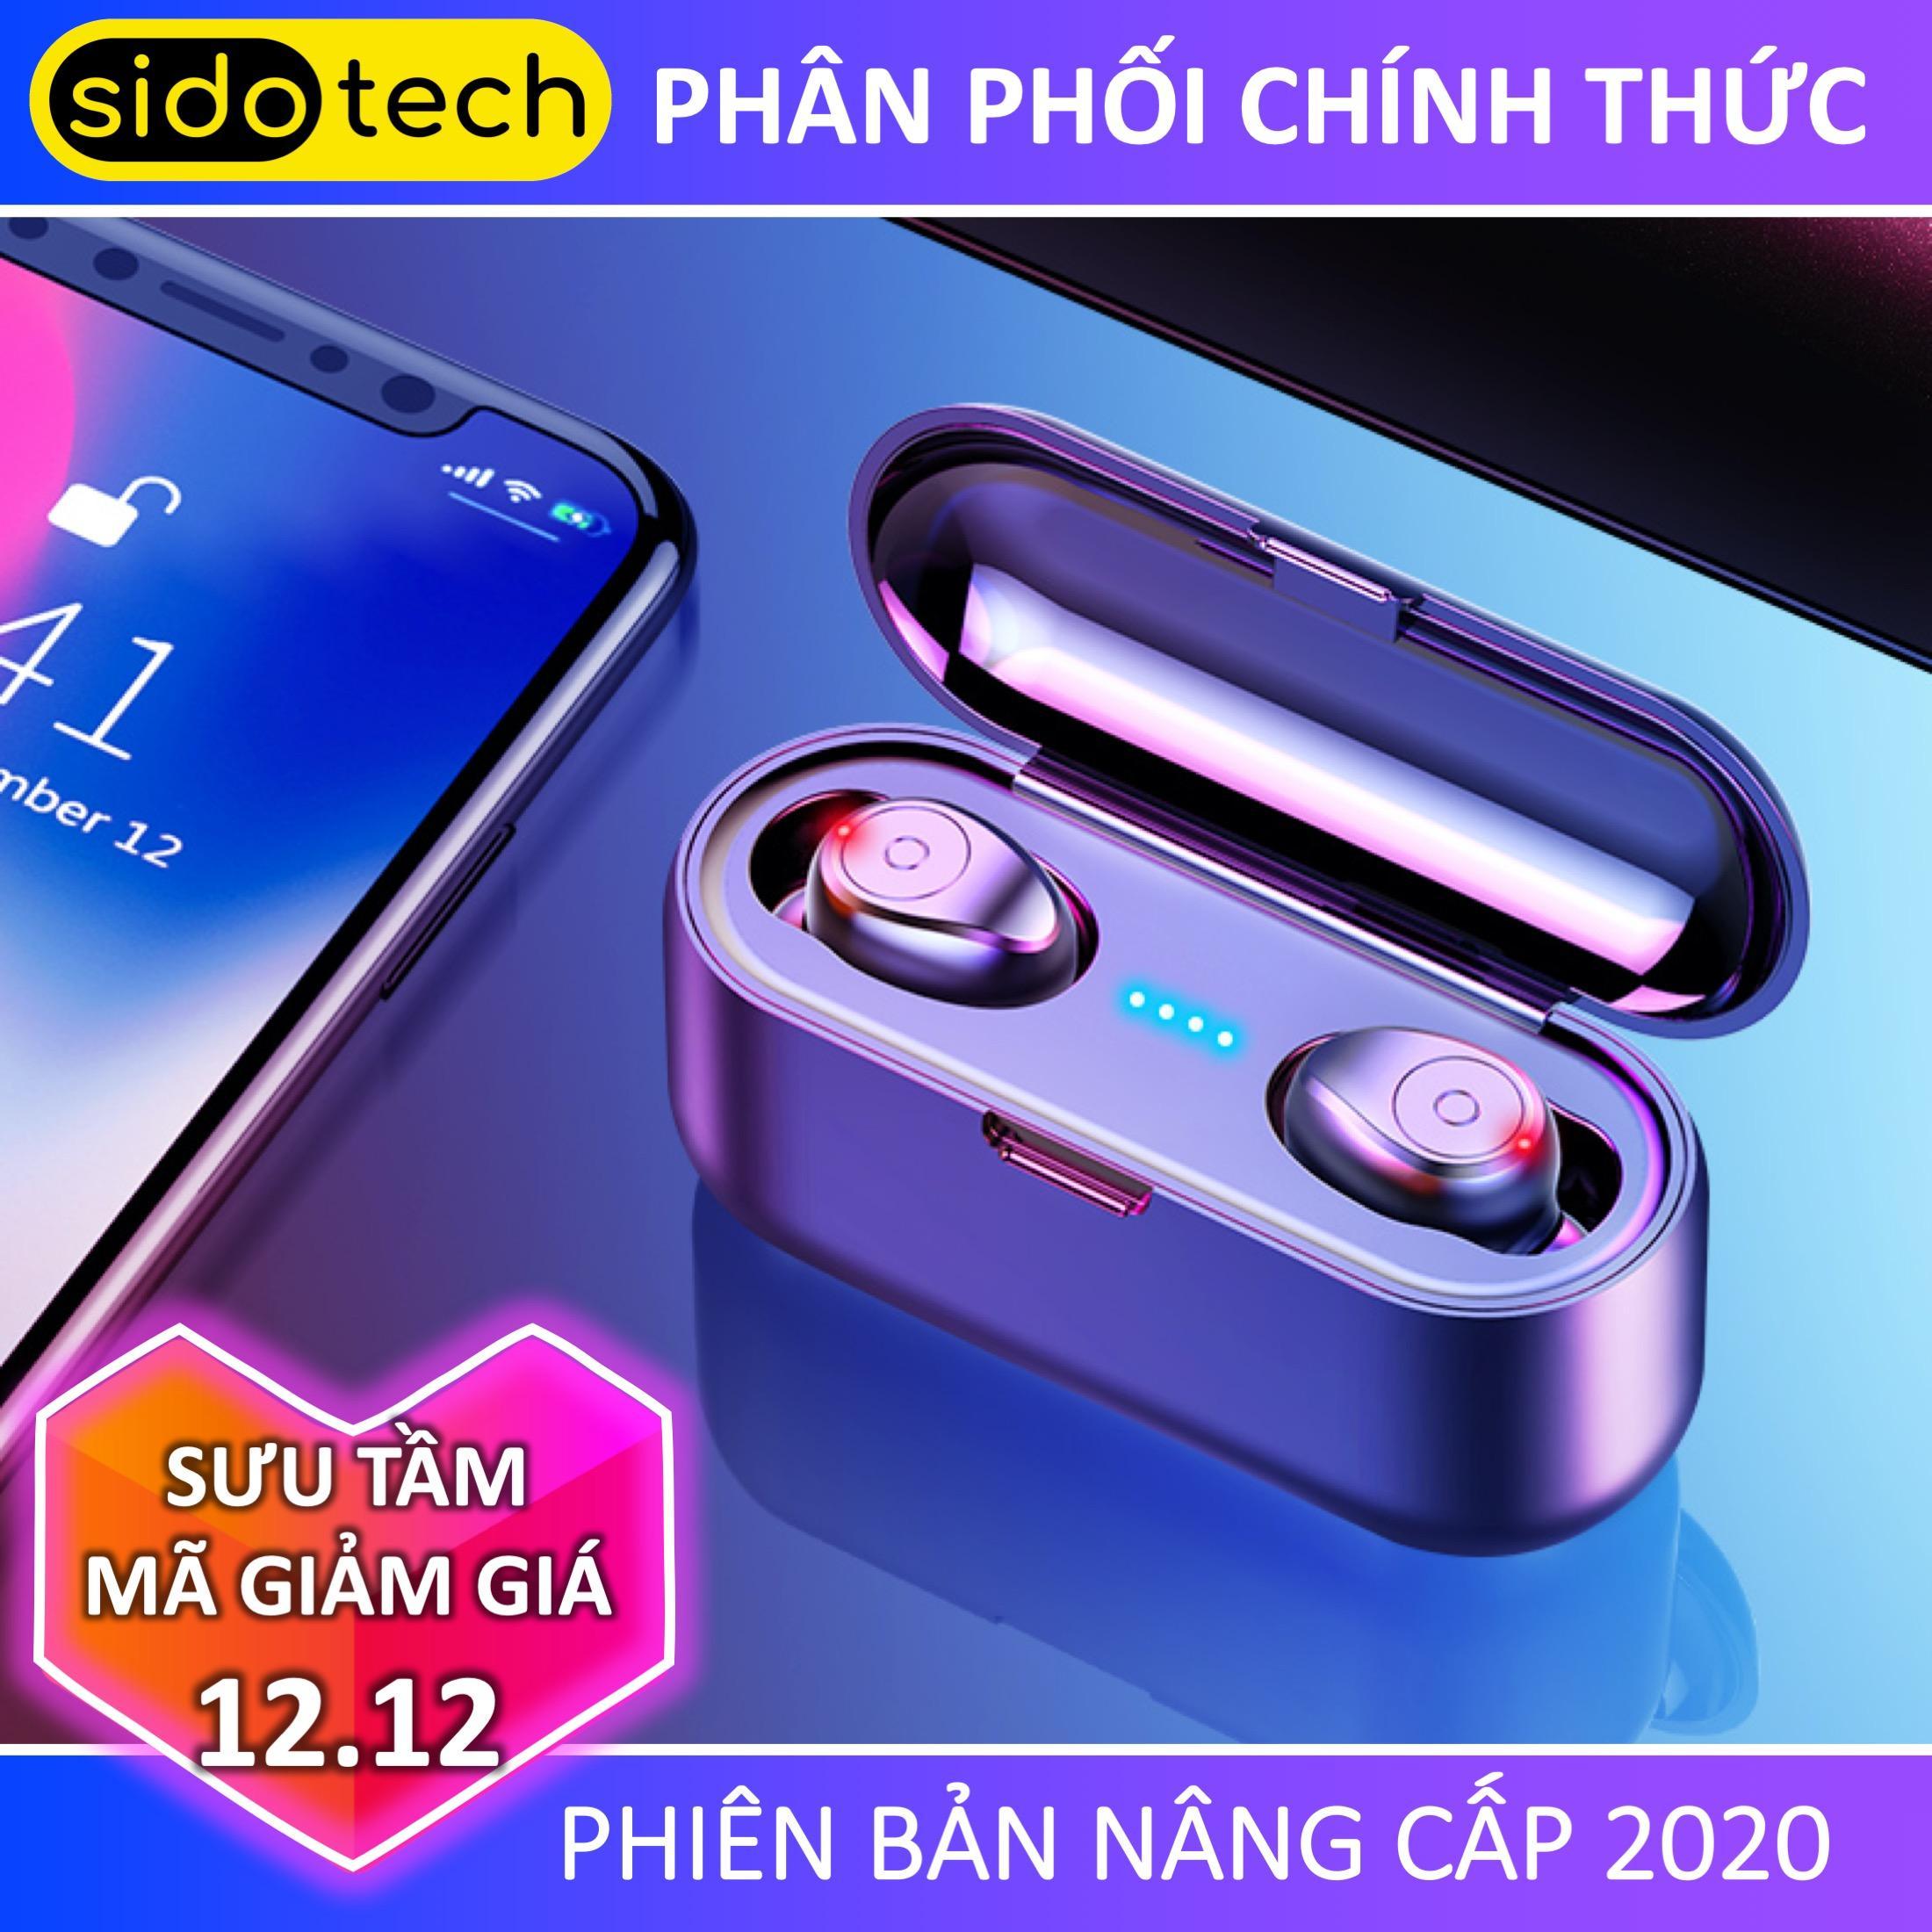 Giá Cực Tốt Khi Mua Tai Nghe Bluetooth Khong Day 5.0 Amoi F9 Pin Trâu Sạc Nhanh, Chống Nước, Với Chất âm Thanh HiFi TWS True Wireless Hifi Siêu Bass, Micro HD Chống ồn Tương Thích Với Các Dòng điện Thoại Smartphone